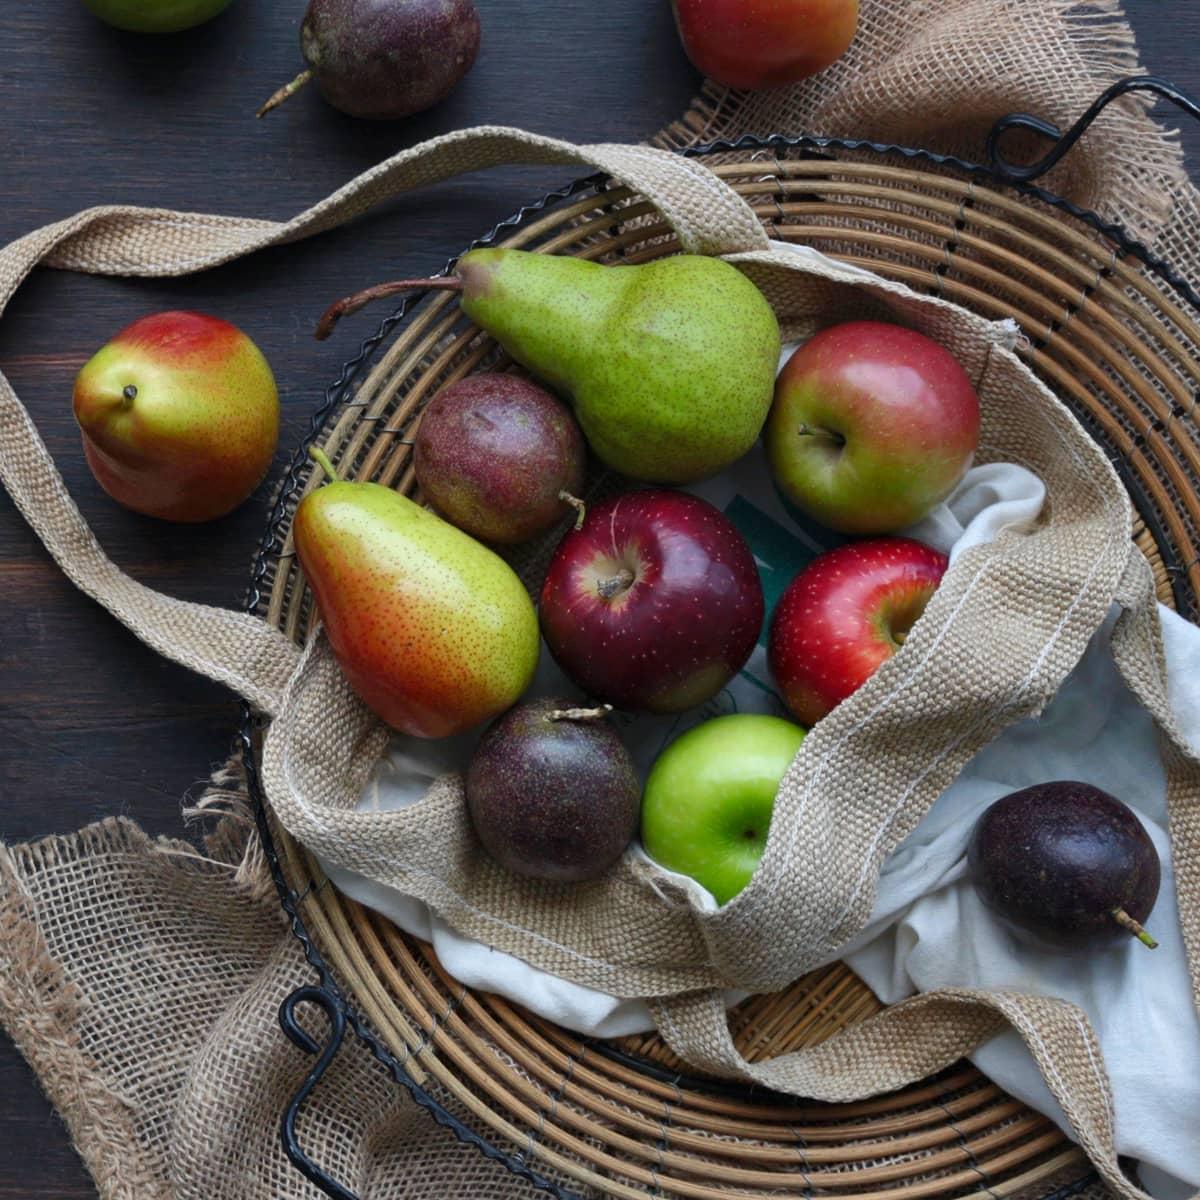 Fresh Apples for baking